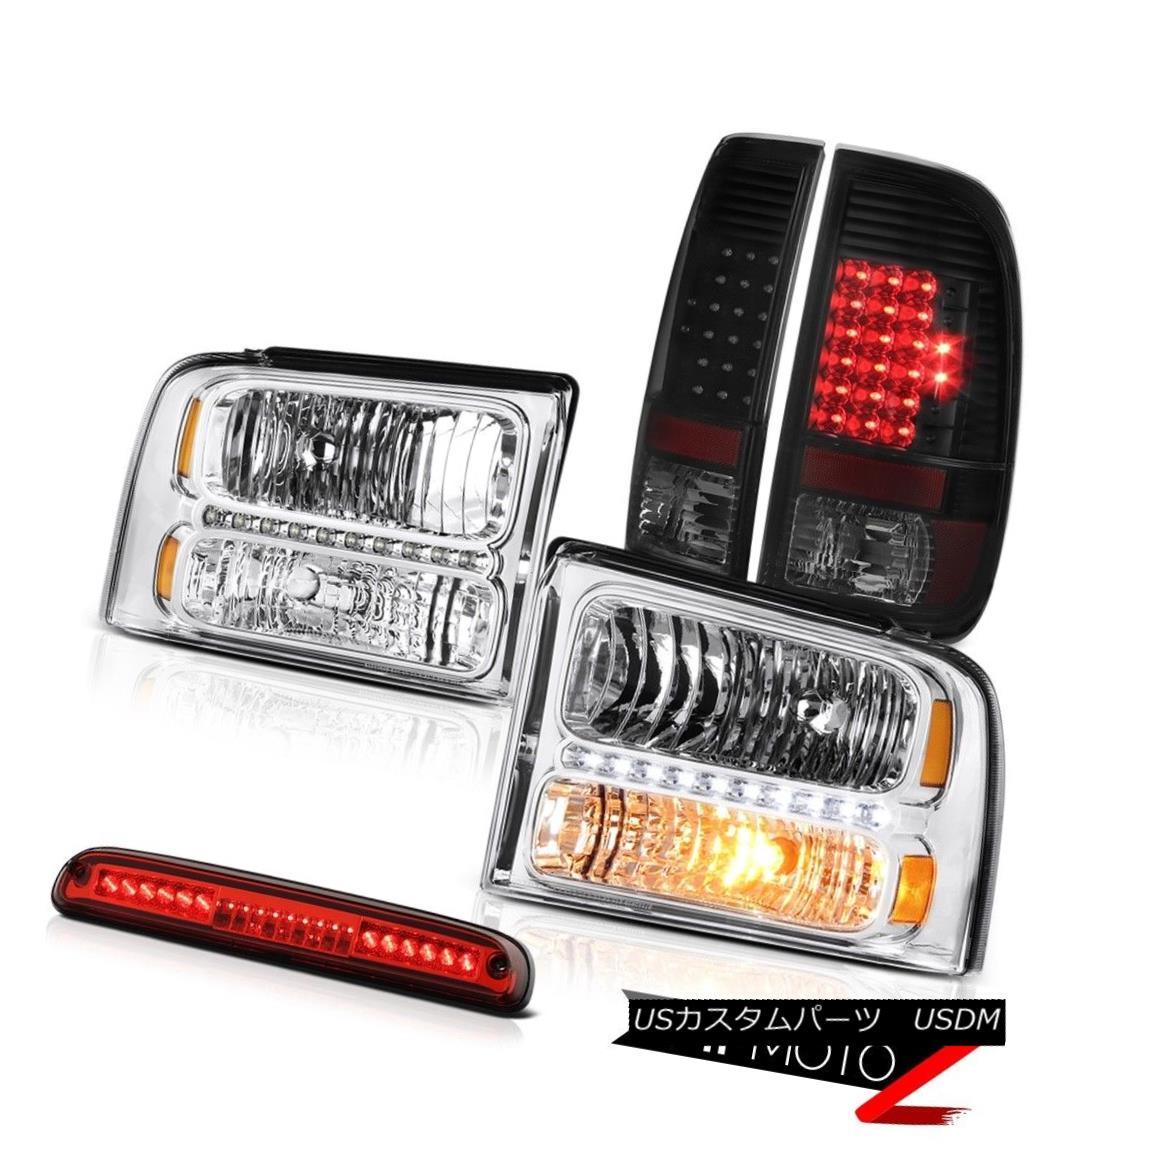 ヘッドライト 05 06 07 F250 5.4L Pair New Headlights Smoke Black LED TailLights Roof Stop Red 05 06 07 F250 5.4Lペア新しいヘッドライトスモークブラックLEDテールライトルーフストップレッド